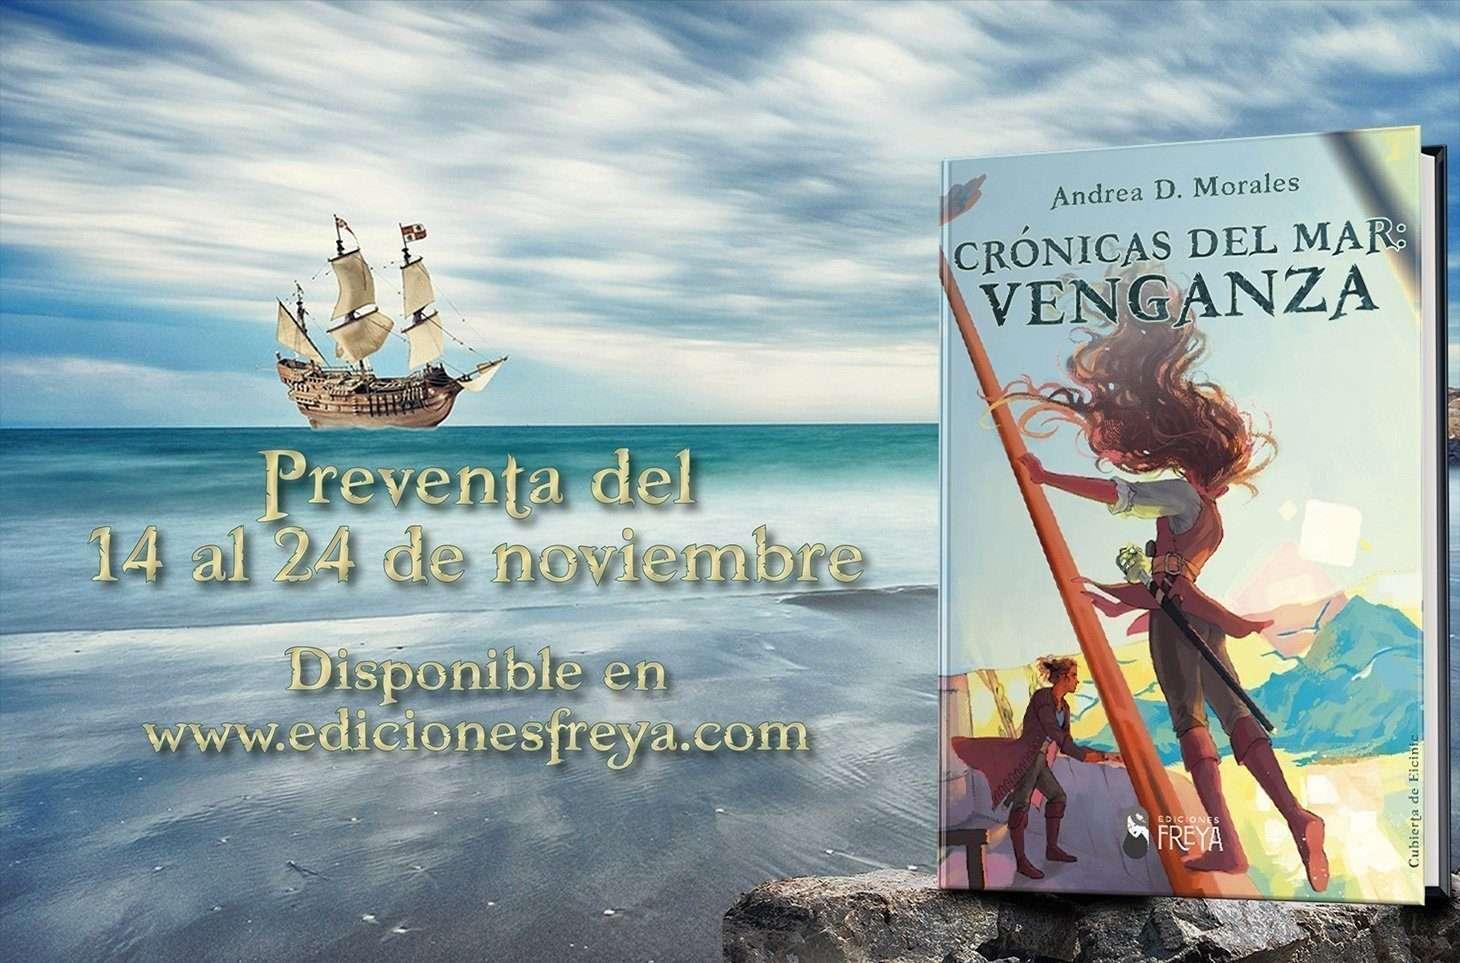 """Montaje de preventa. Sobre imagen del mar se ve el libro colocado encima de una roca y un barco pirata al fondo. Se lee """"preventa del 14 al 24 de noviembre. Disponible en www.edicionesfreya.com"""""""